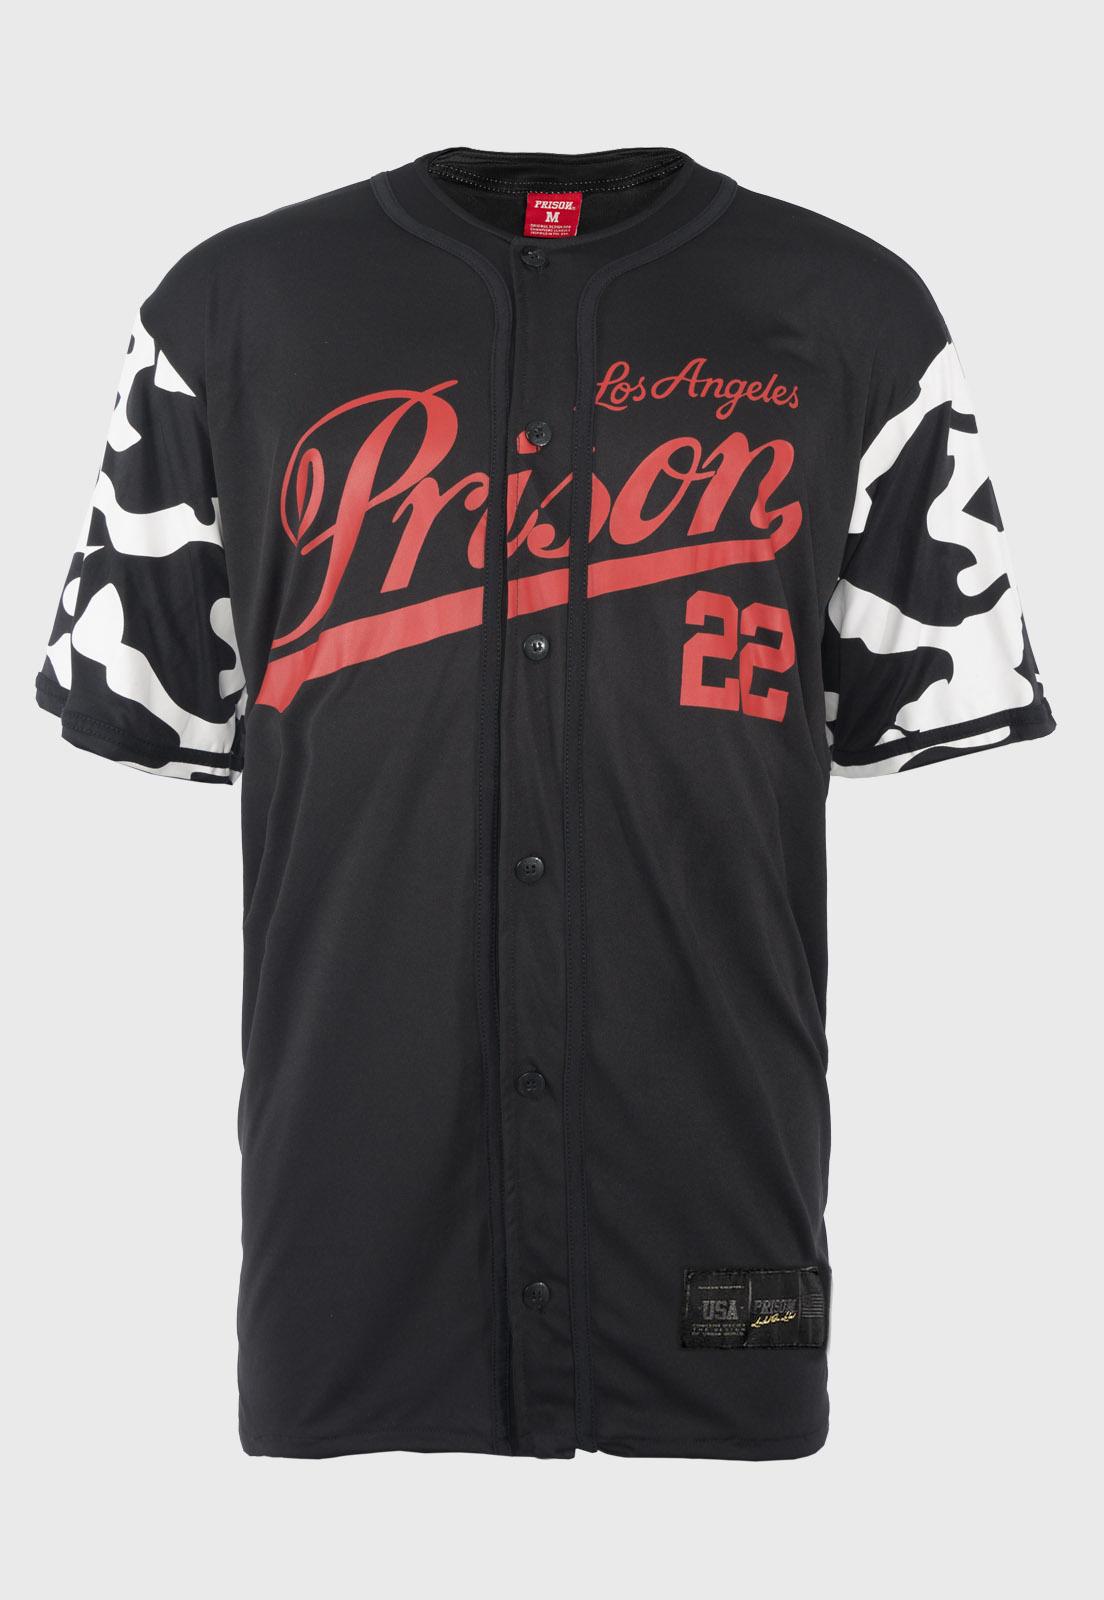 Camisa de Baseball Prison Los Angeles 22